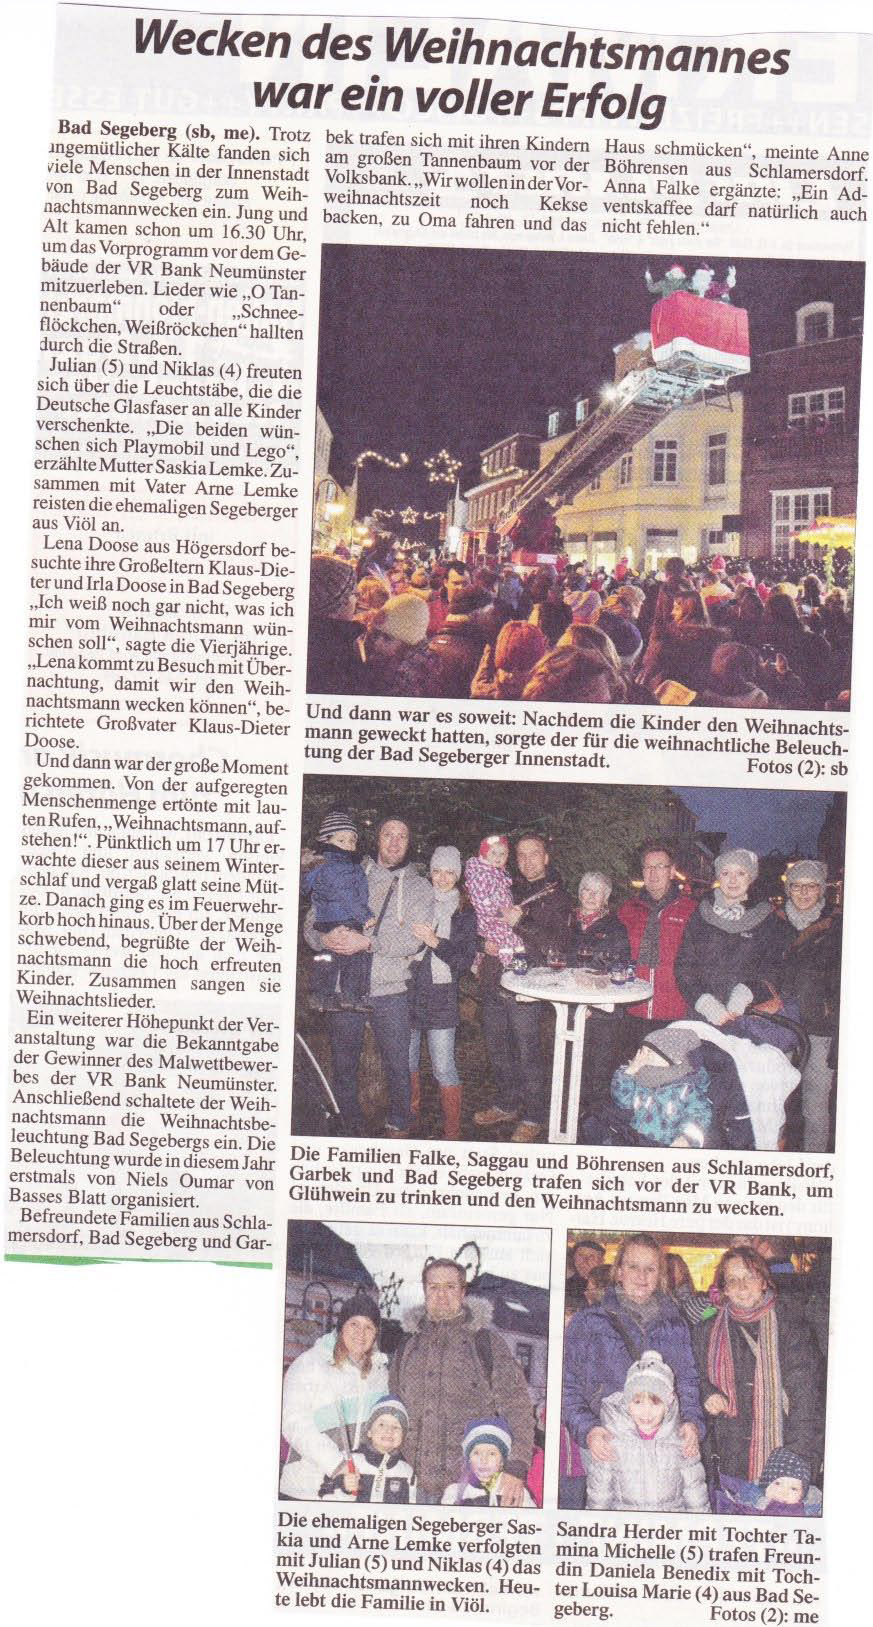 Basses Blatt 02.12.